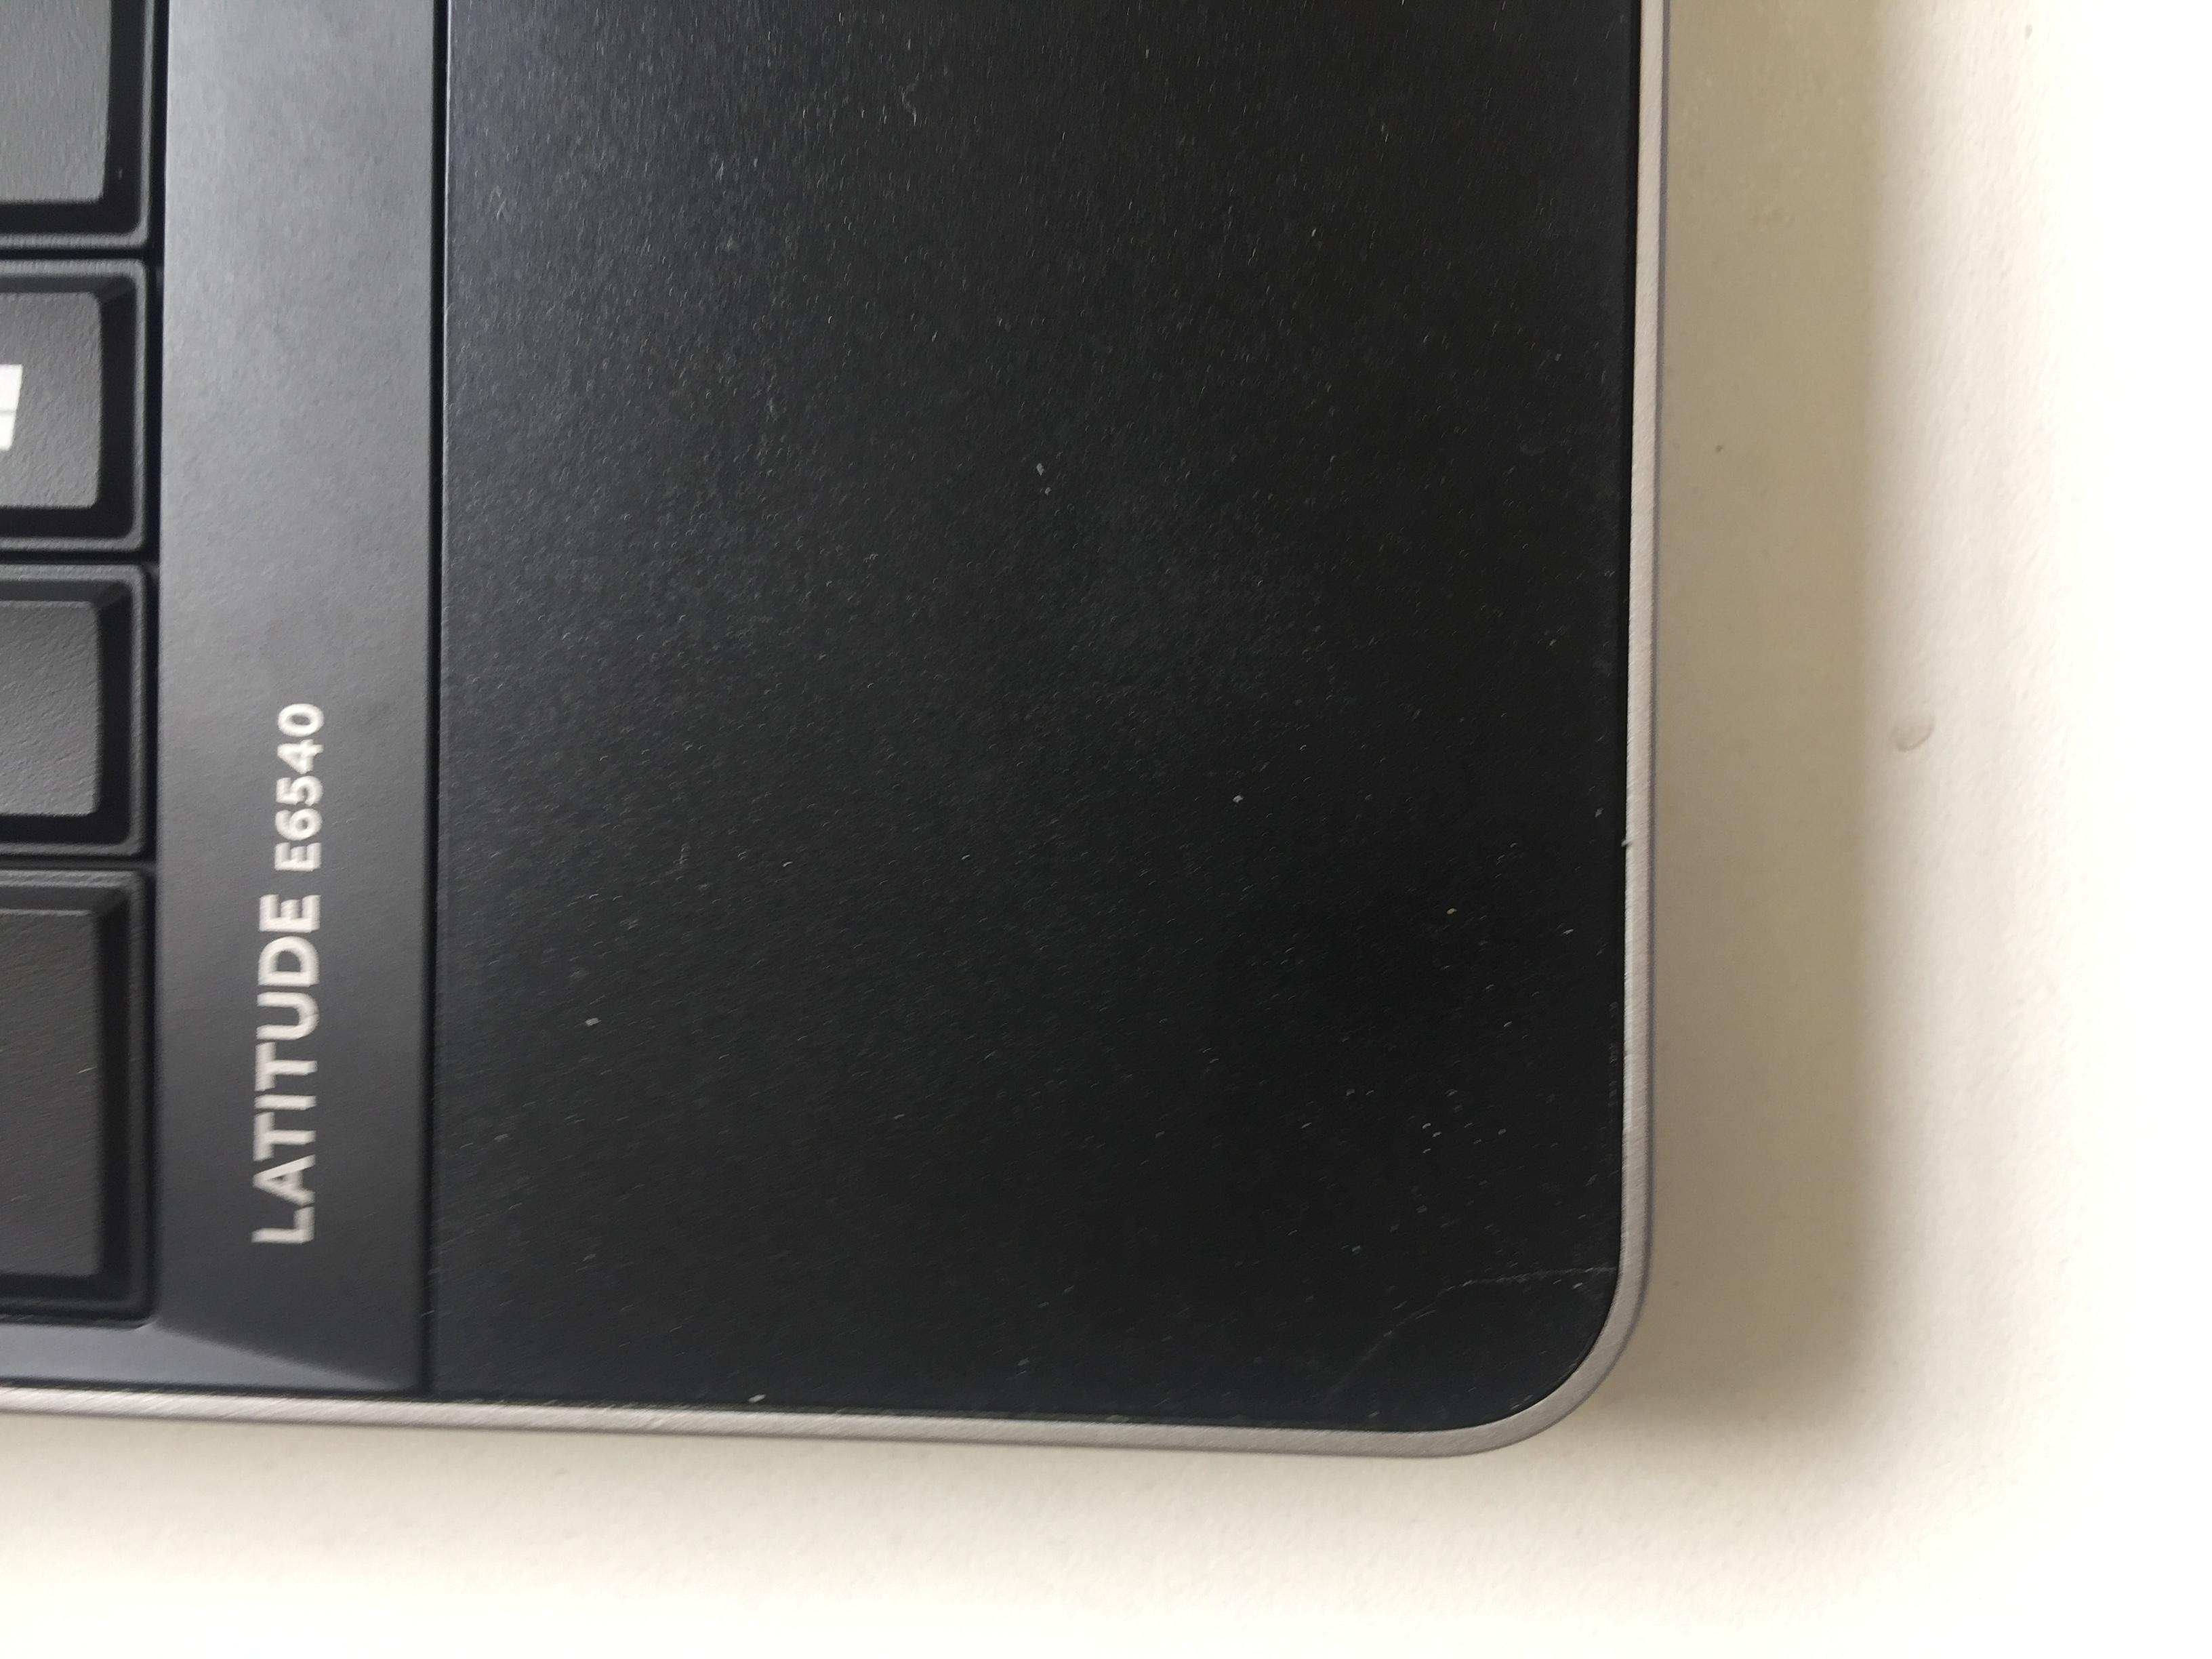 Dell Latitude E6540 | Laptop Station